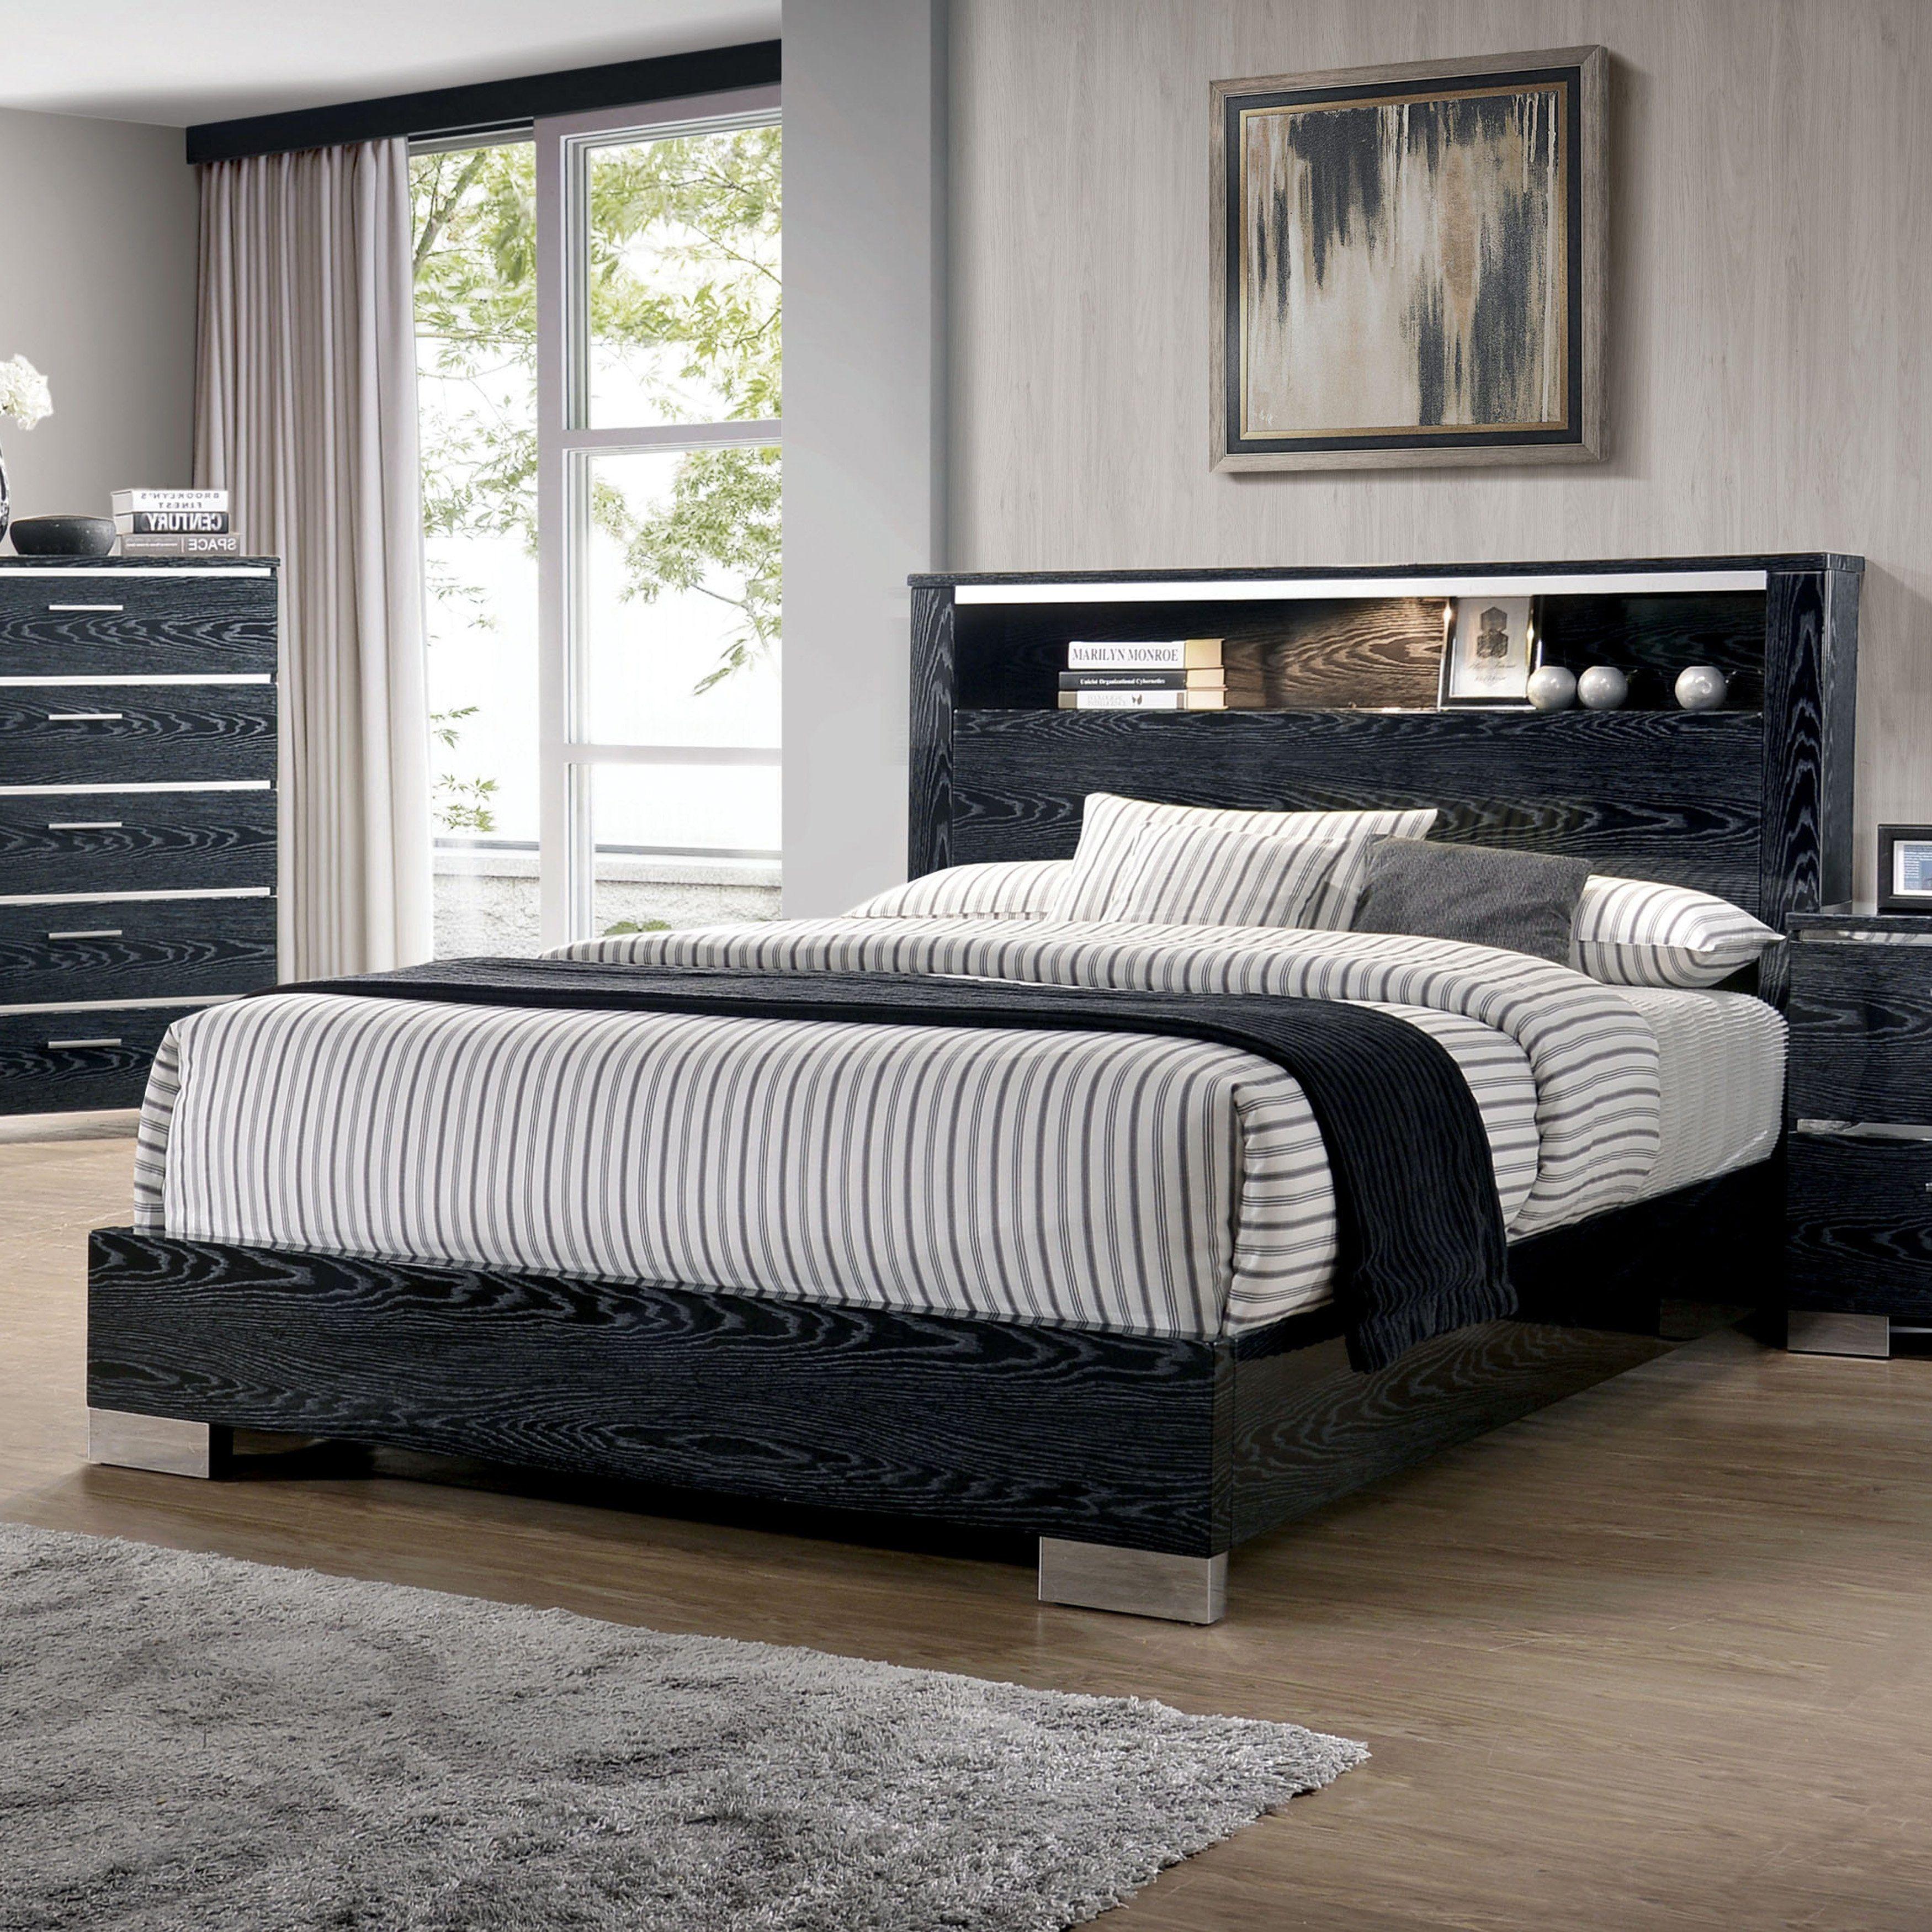 Furniture of America Elysee Chrome Trim LED Display Bed